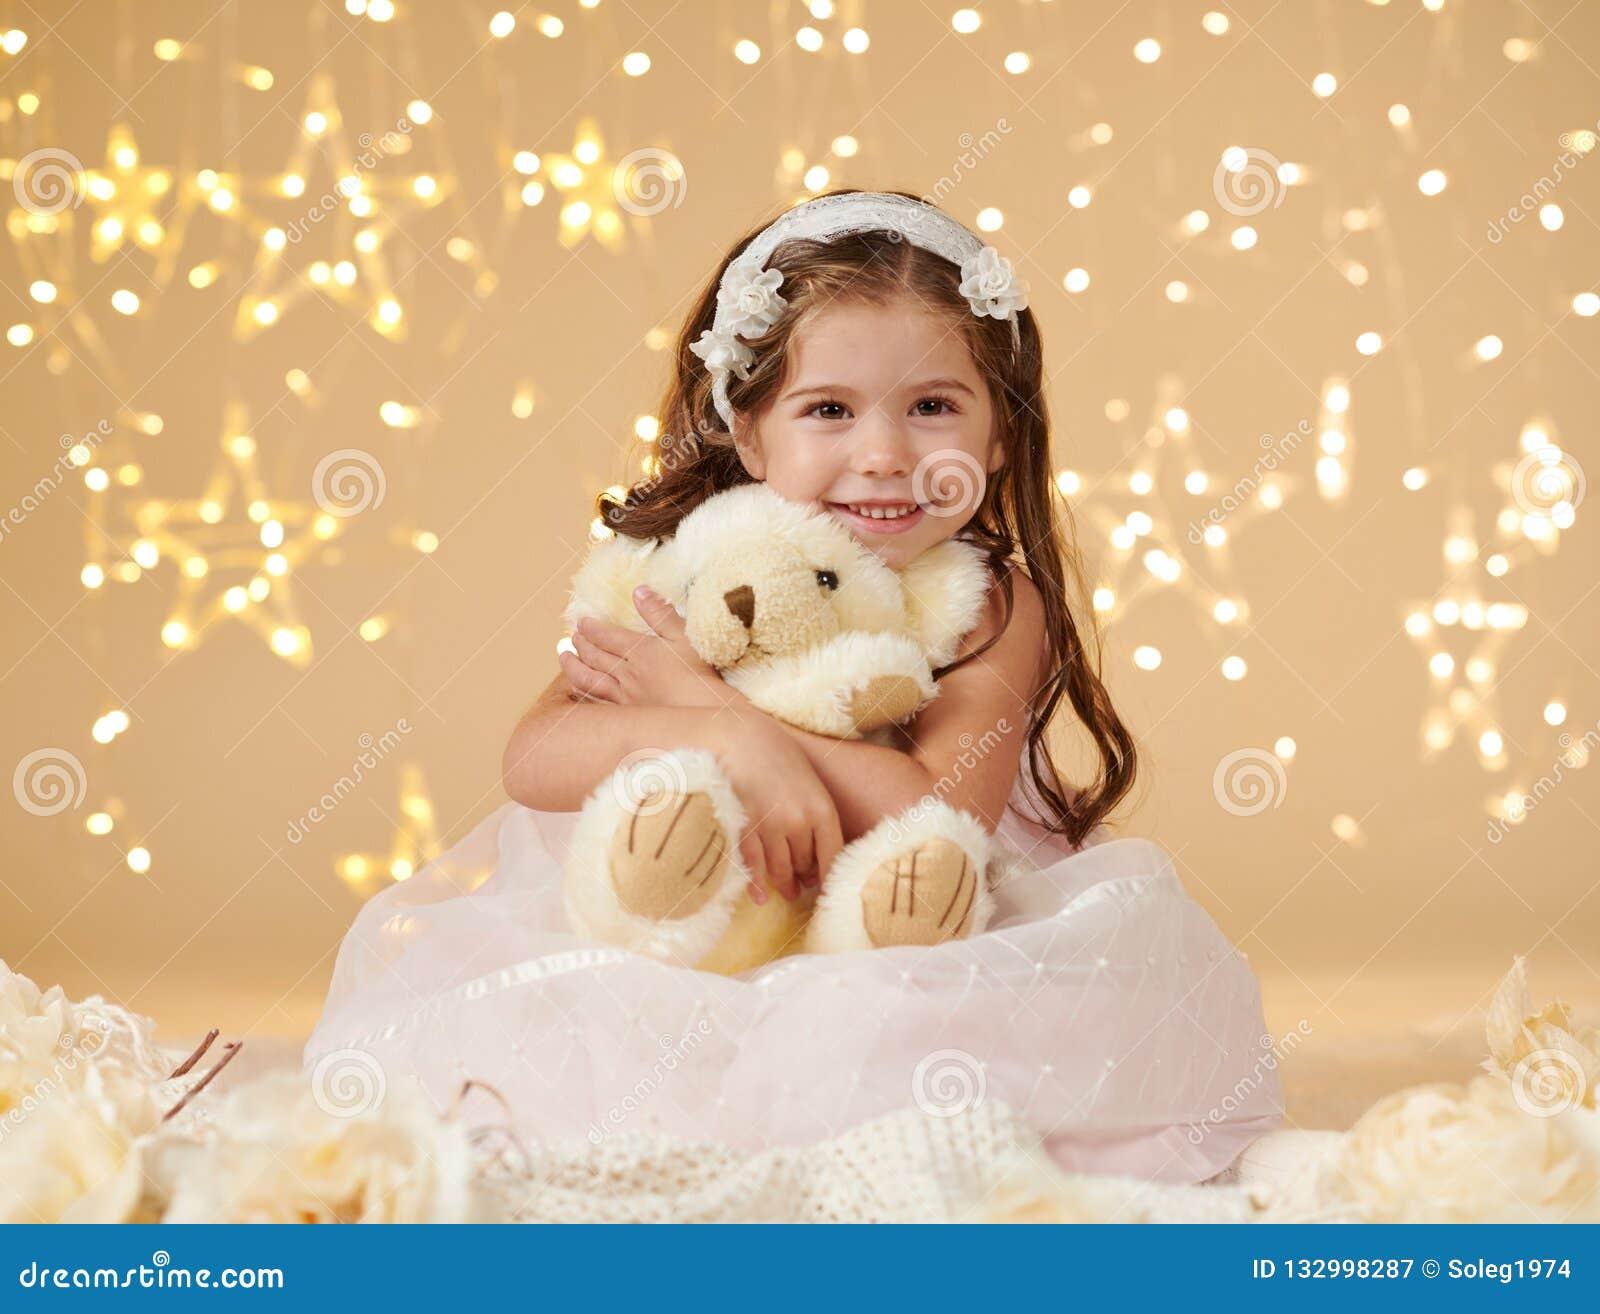 Το παιδί κοριτσιών με το παιχνίδι αρκούδων θέτει στα φω τα Χριστουγέννων, κίτρινο υπόβαθρο, ρόδινο φόρεμα